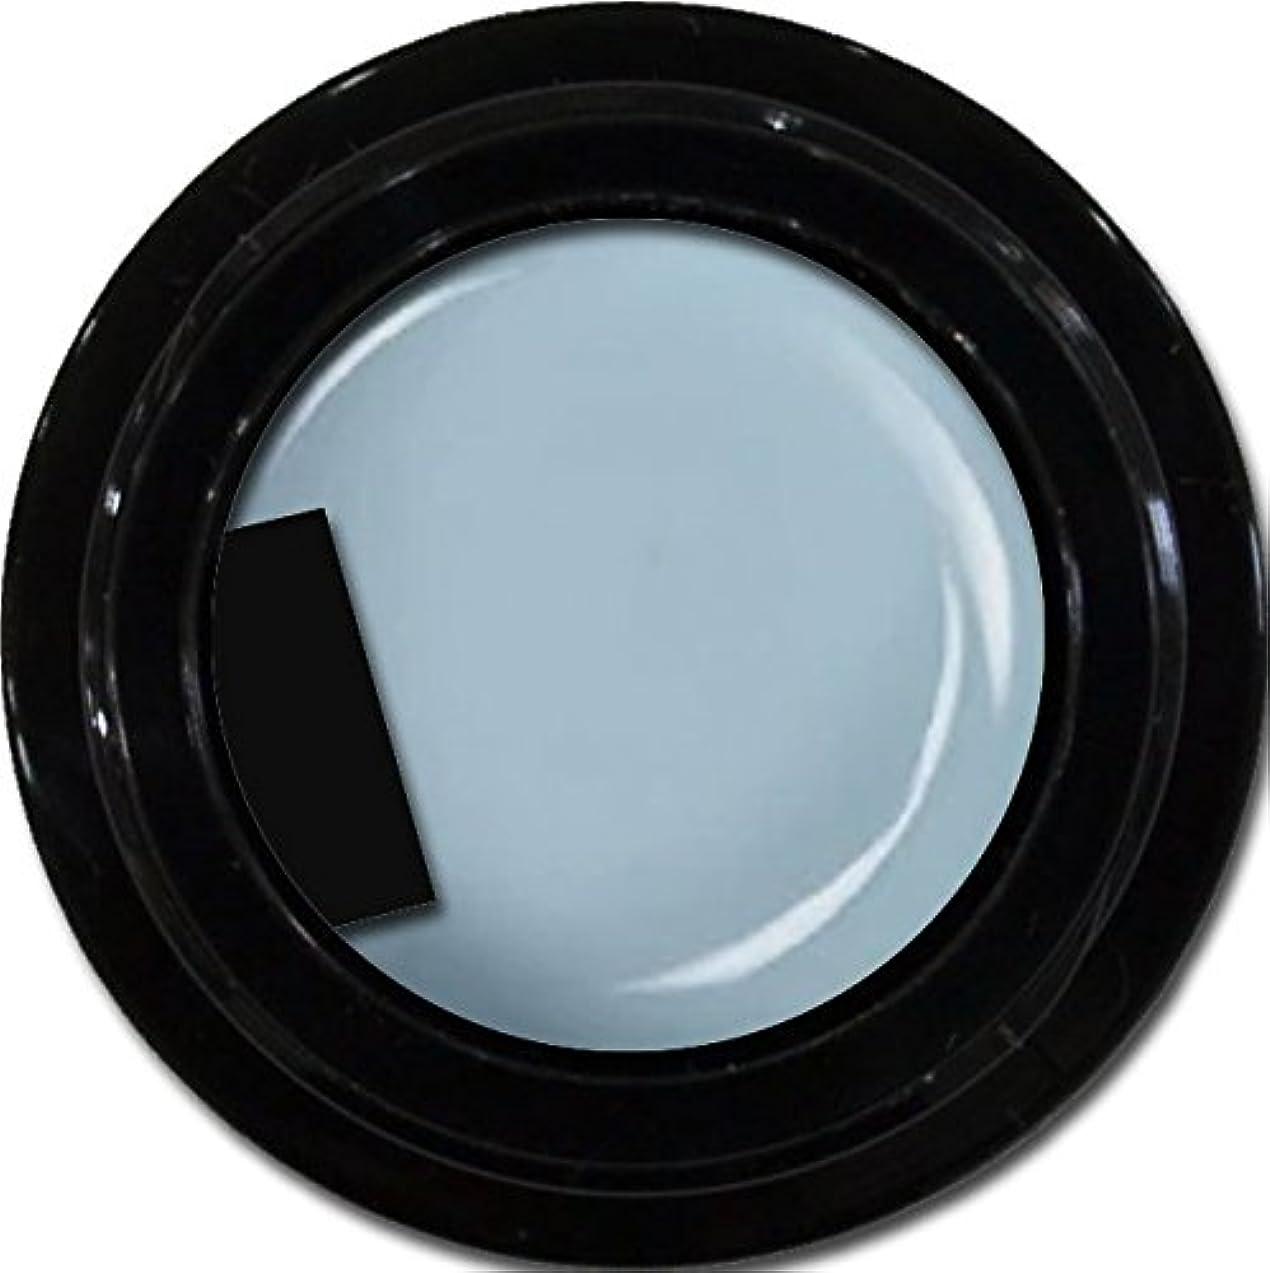 天才正当なタイピストカラージェル enchant color gel M705 SmokeBlue 3g/ マットカラージェル M705 スモークブルー 3グラム